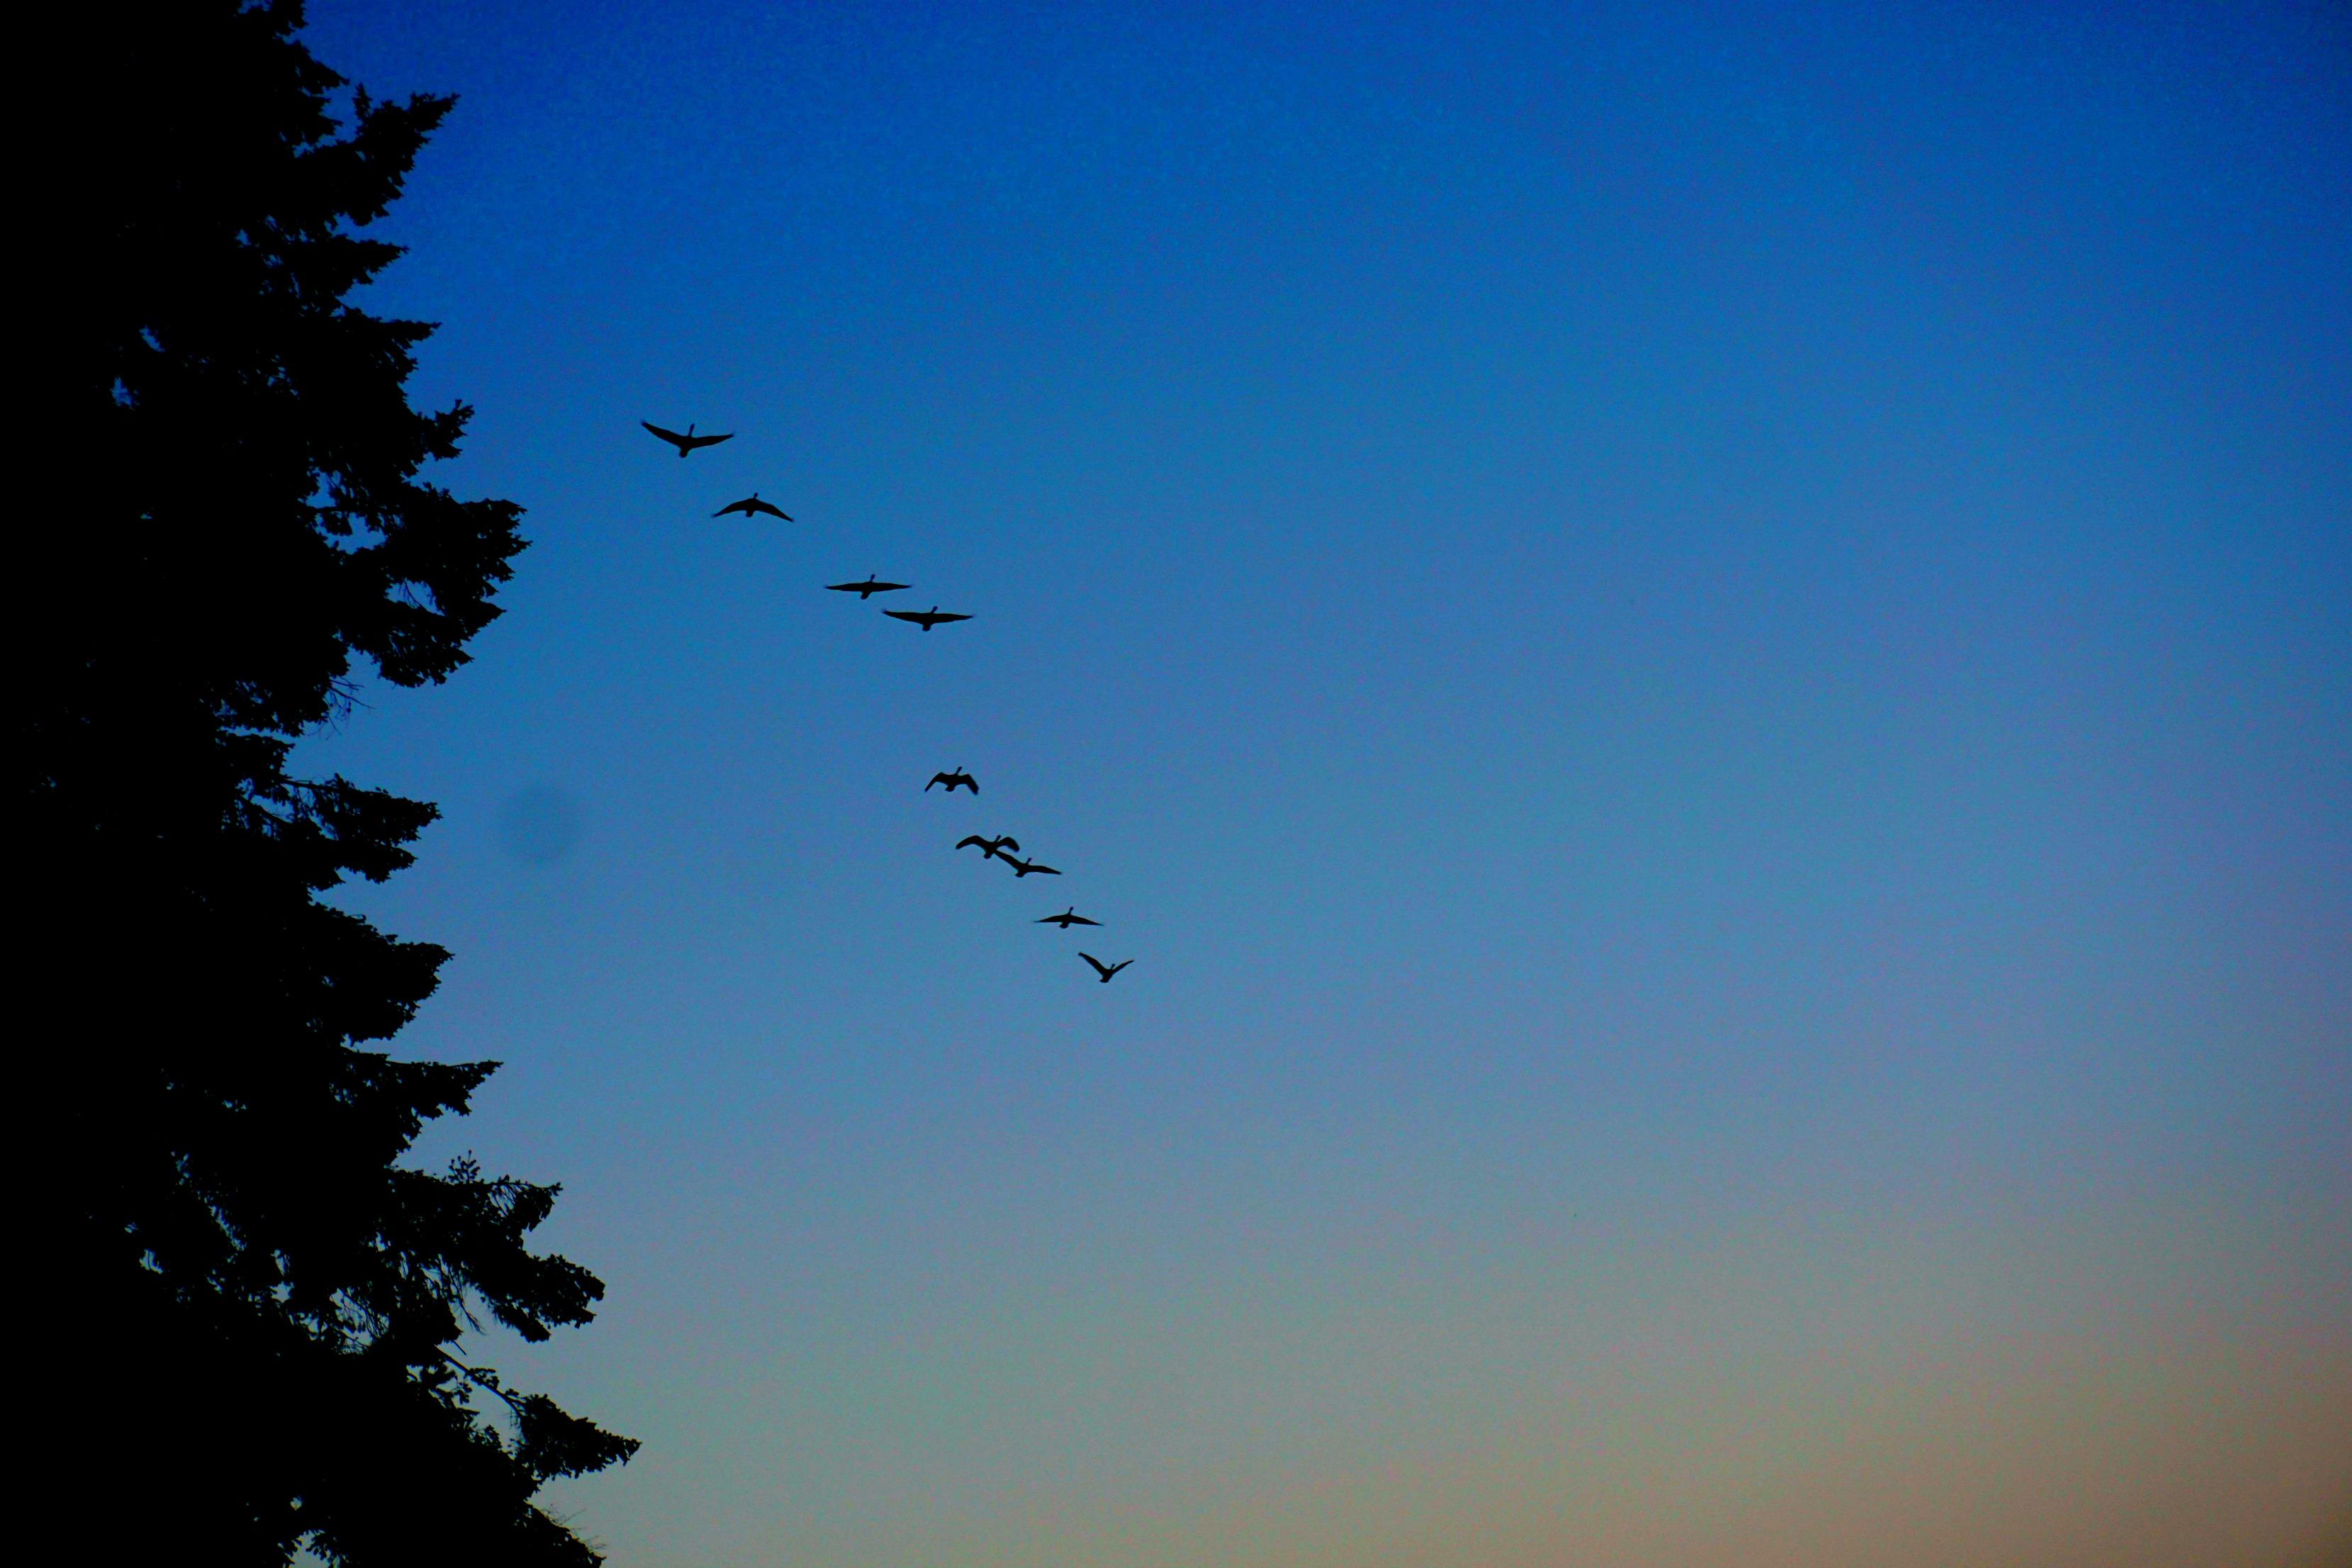 eld-inlet-birds-overhead